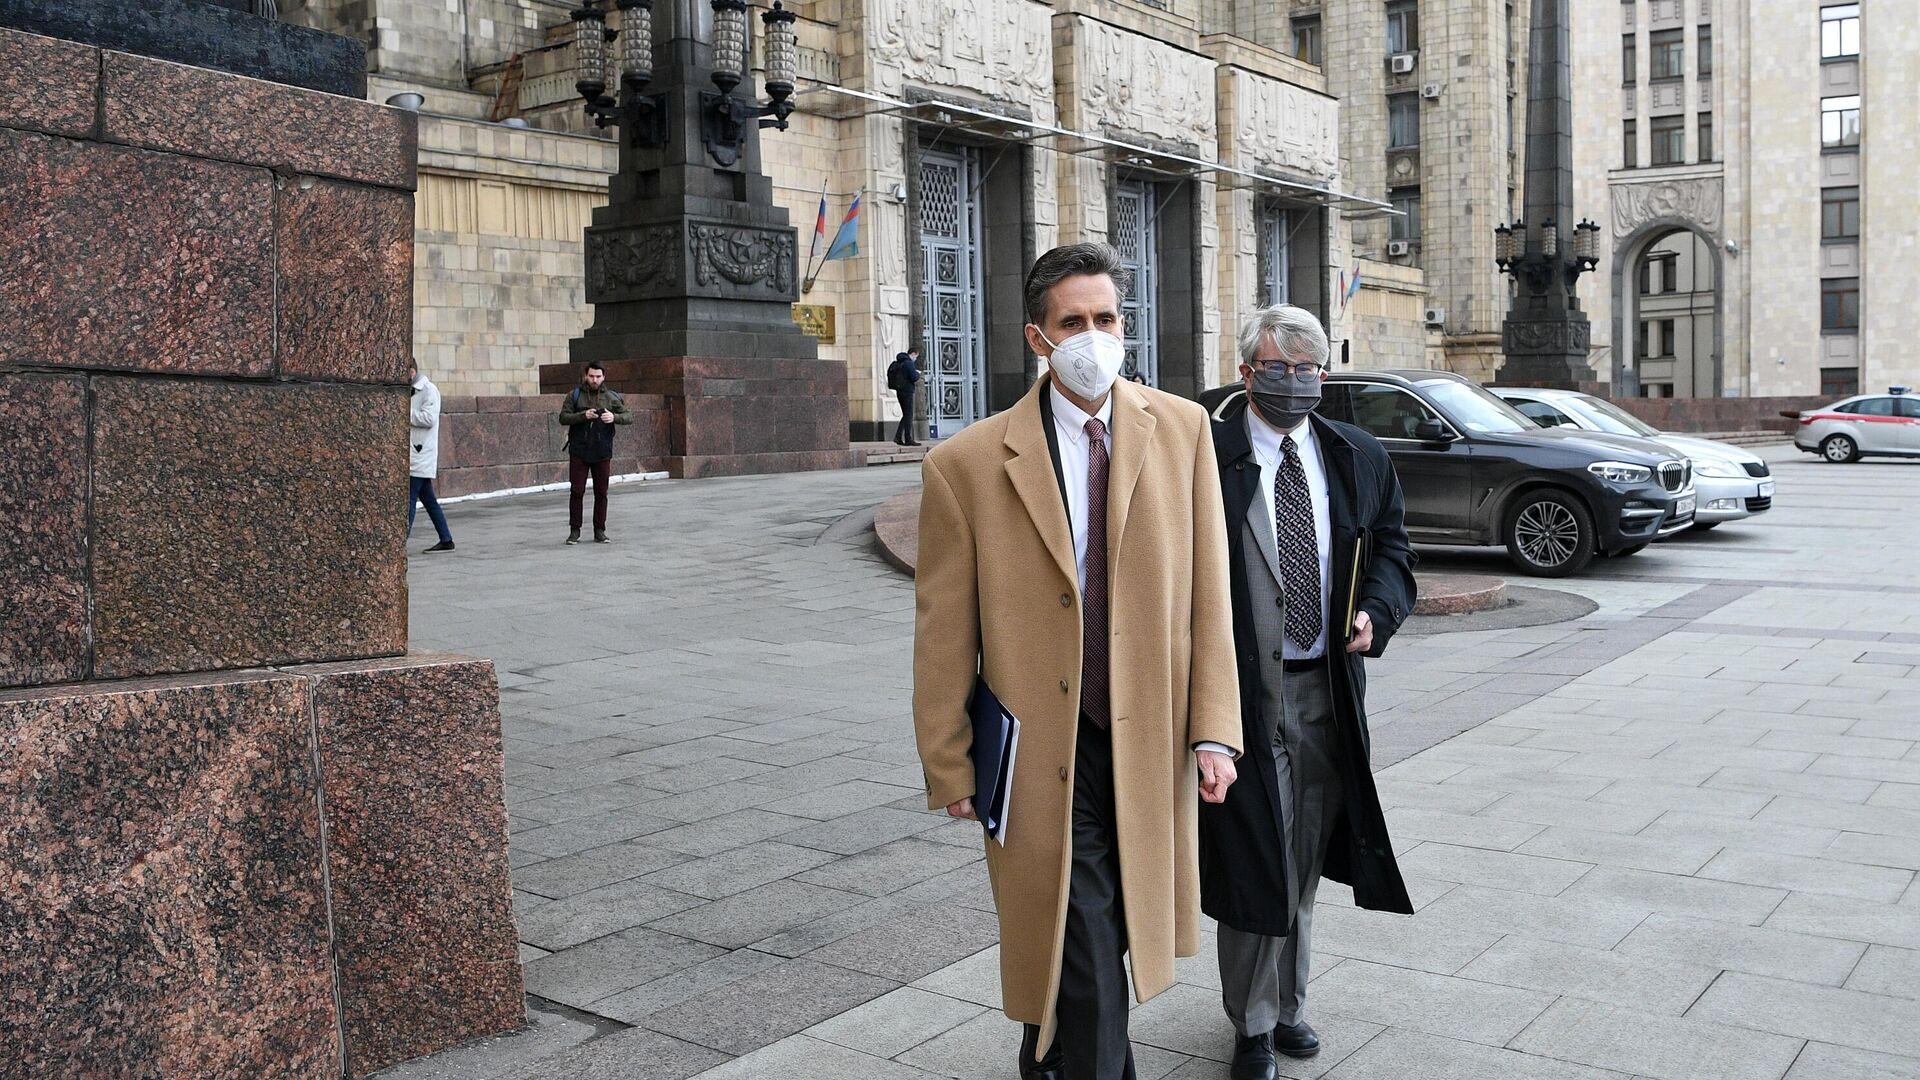 Заместитель главы американского посольства в Москве Барт Горман возле здания МИД РФ в Москве - РИА Новости, 1920, 26.04.2021